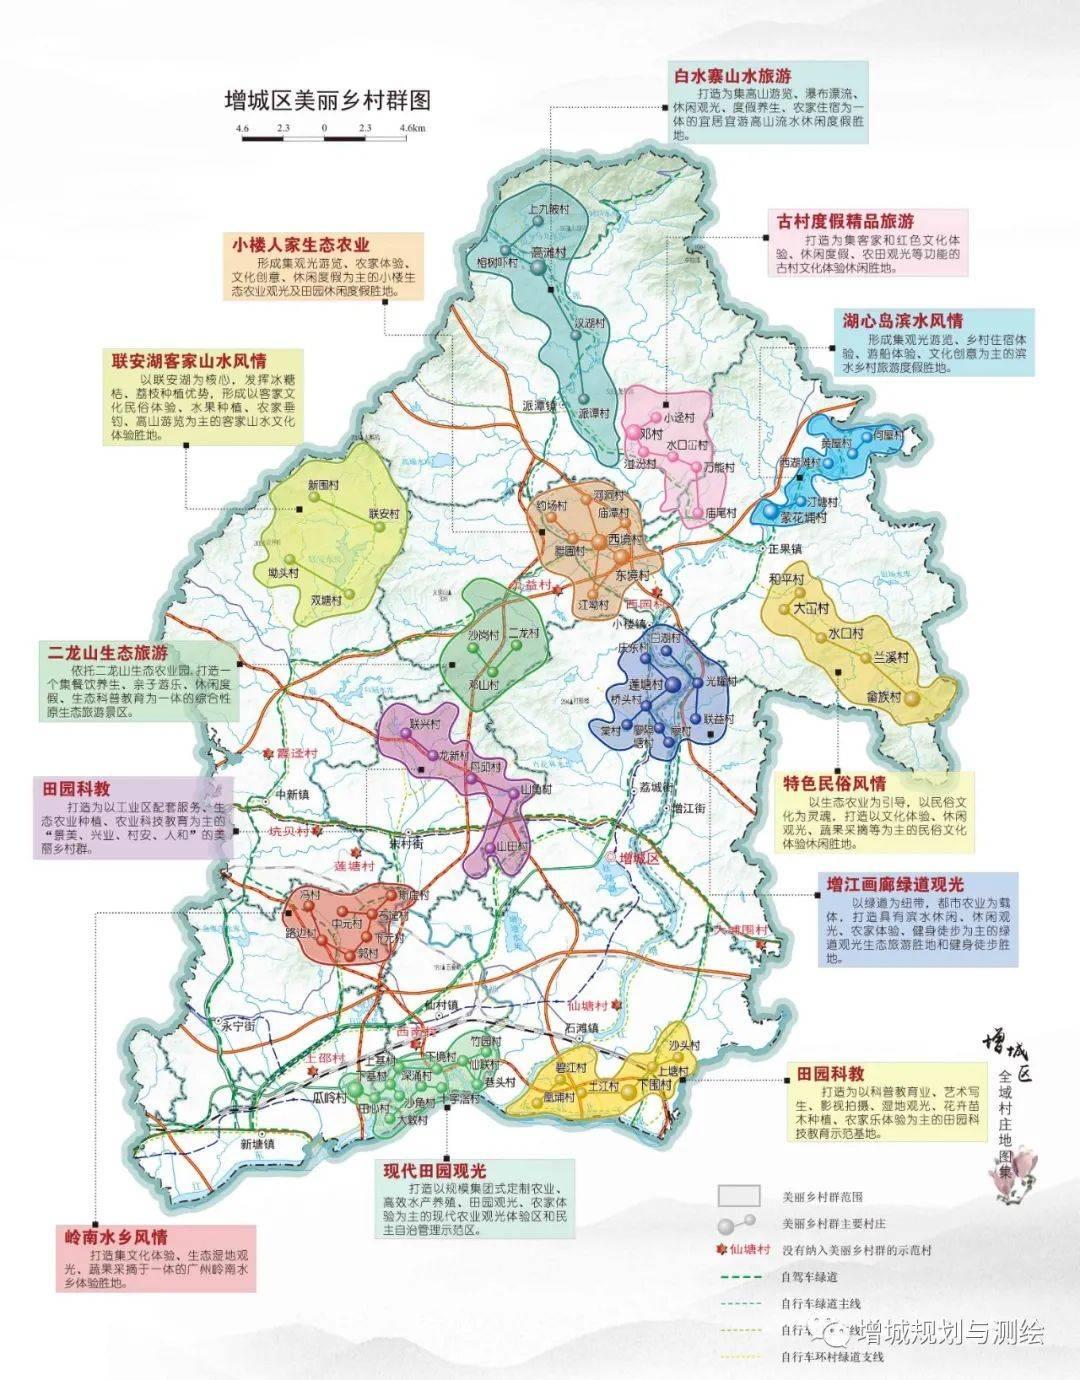 2018年广州增城经济总量_广州增城地图